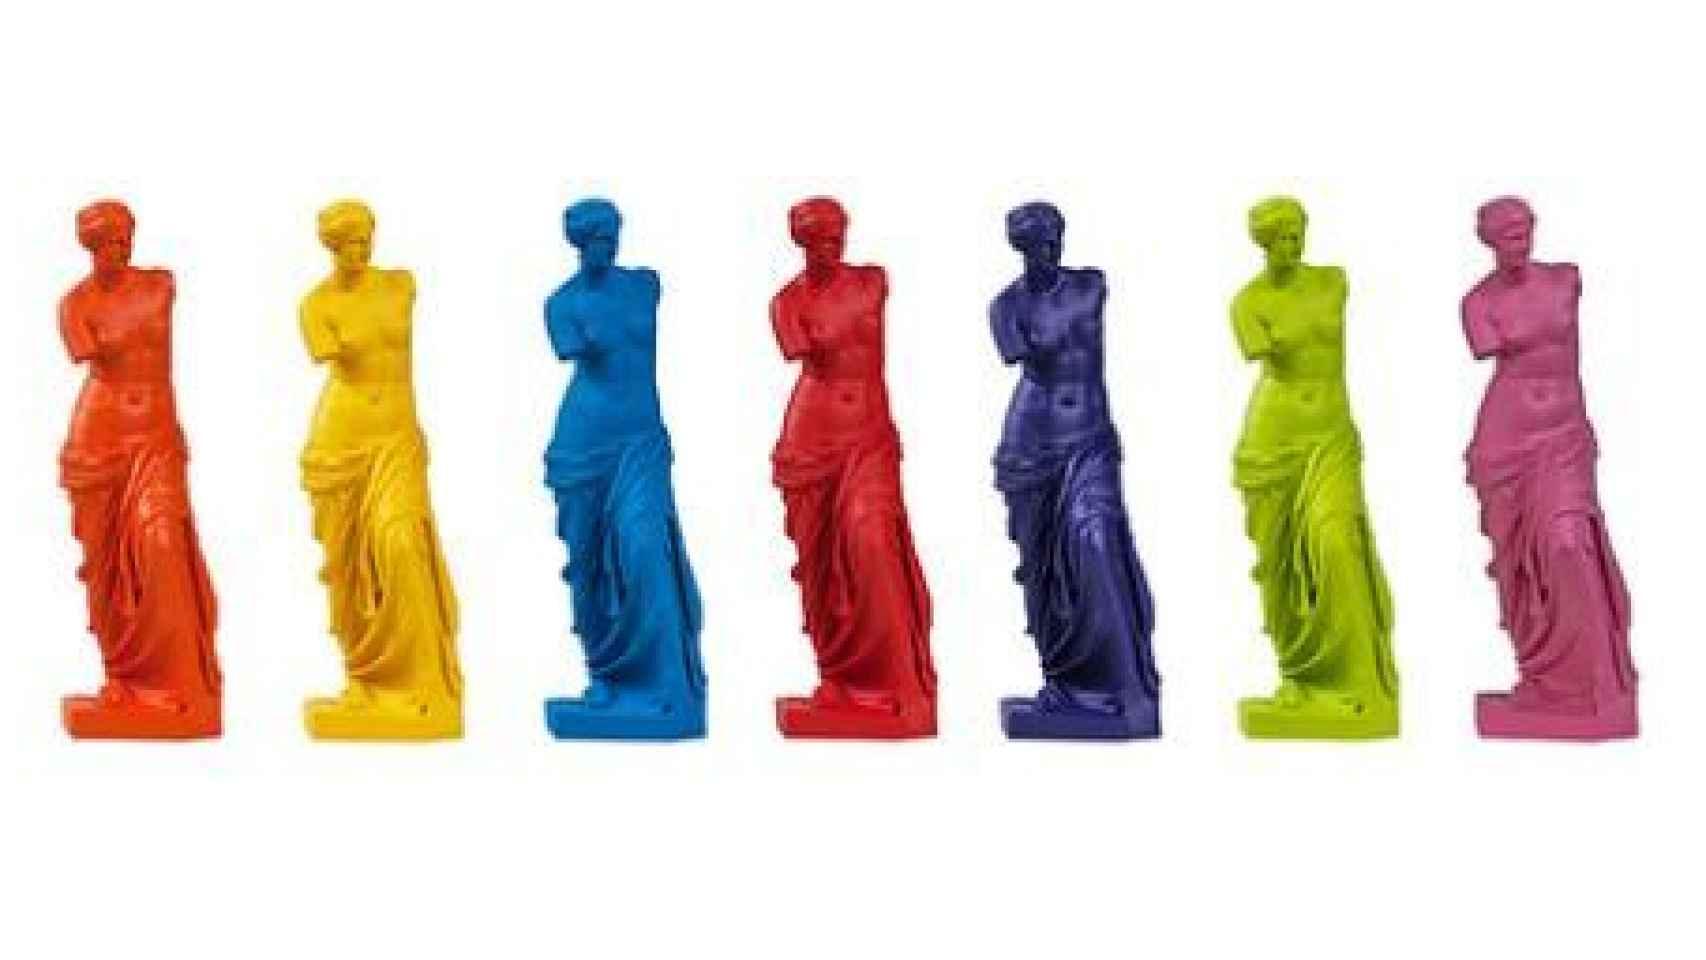 Toda la gama de colores de la réplica de resina.